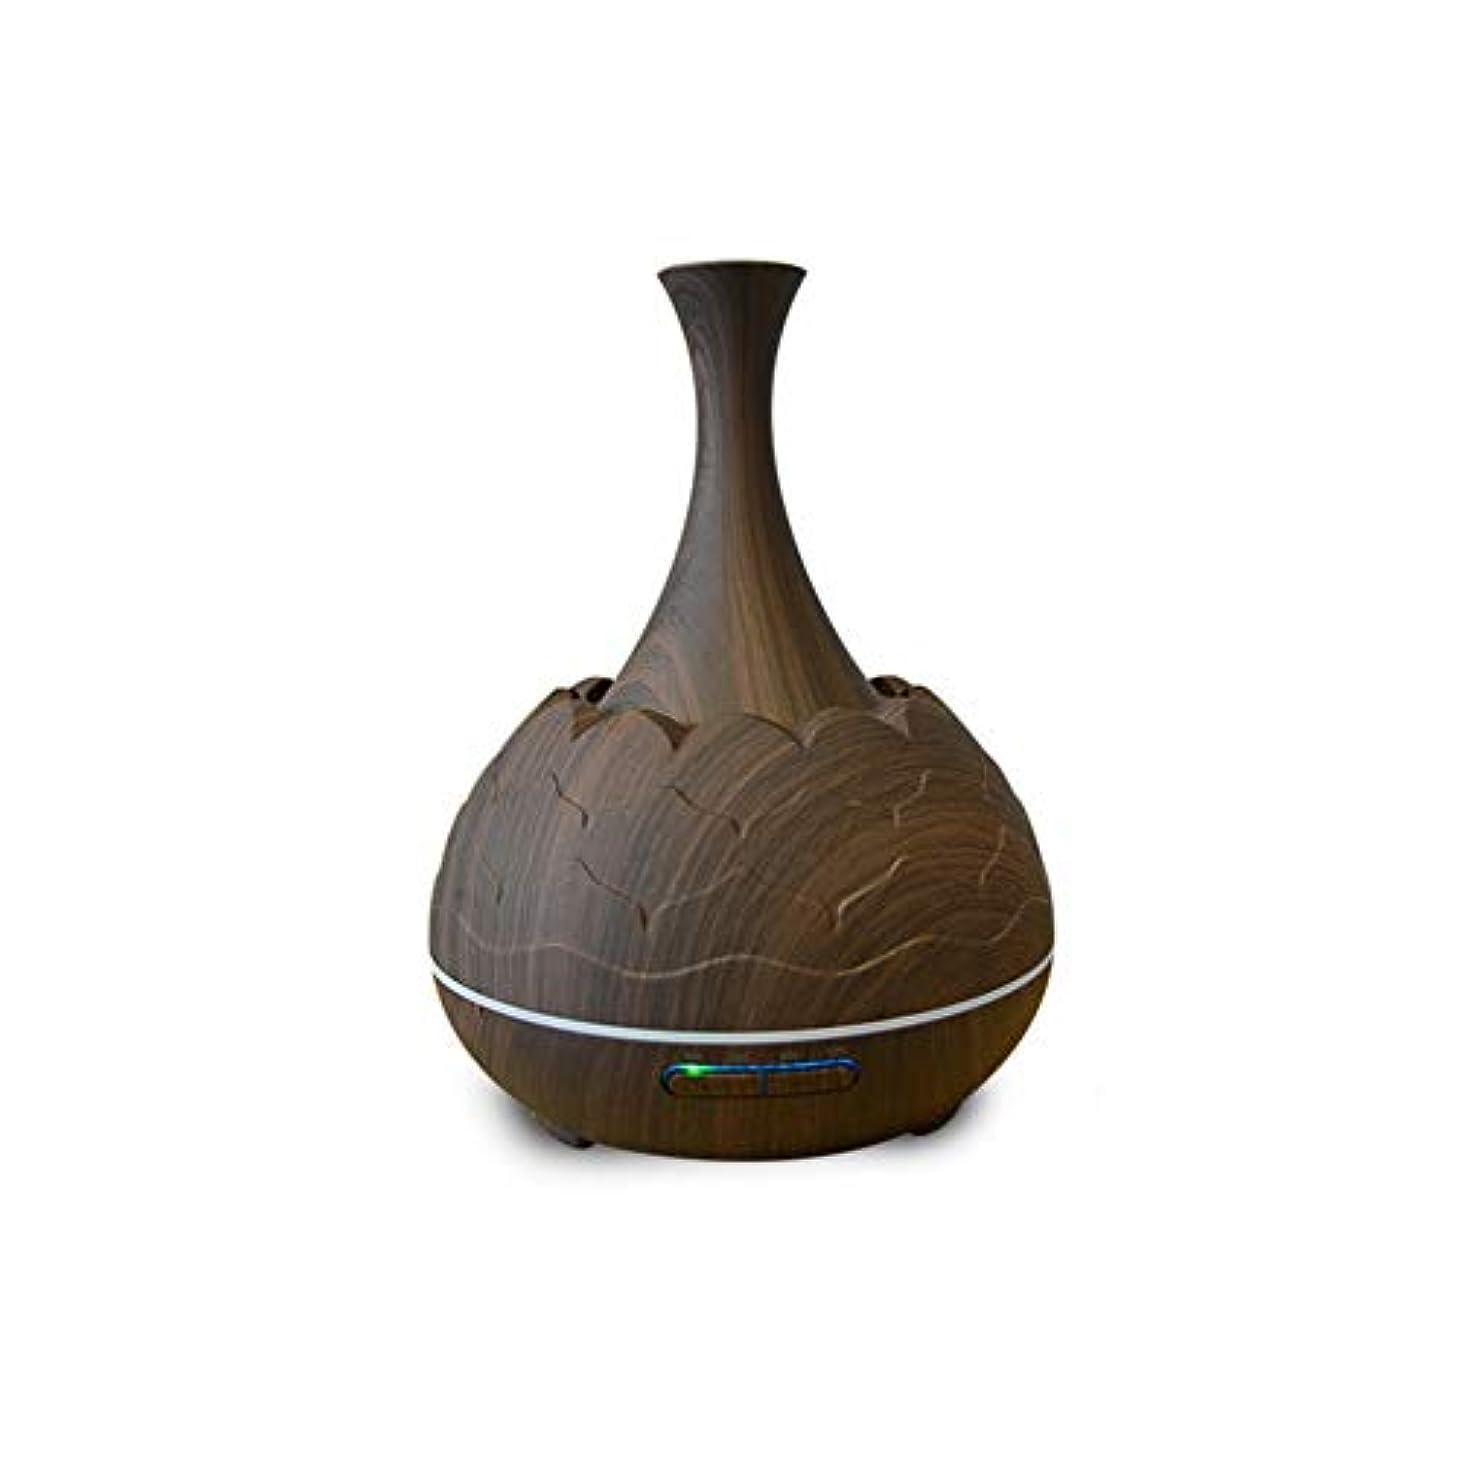 成人期スナップ大量木目 霧 香り 精油 ディフューザー,7 色 空気を浄化 加湿器 時間 手動 Wifiアプリコントロール 加湿機 ホーム Yoga- 400ml